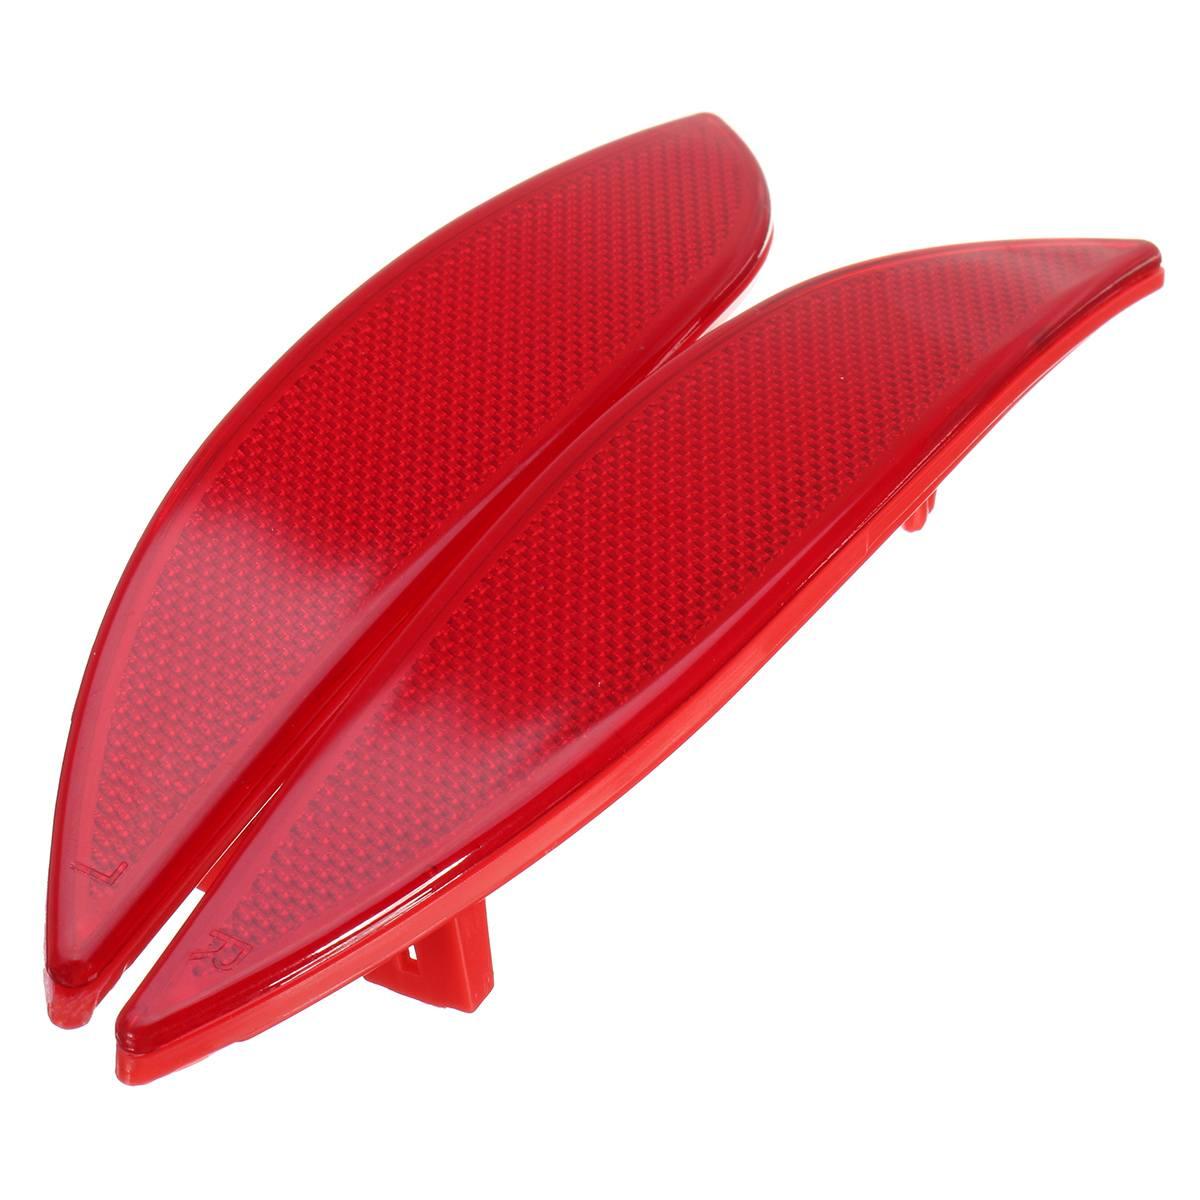 For Renault Megane MK3 Red Car Rear Bumper Reflector Light Lens 3804 Left Right Side